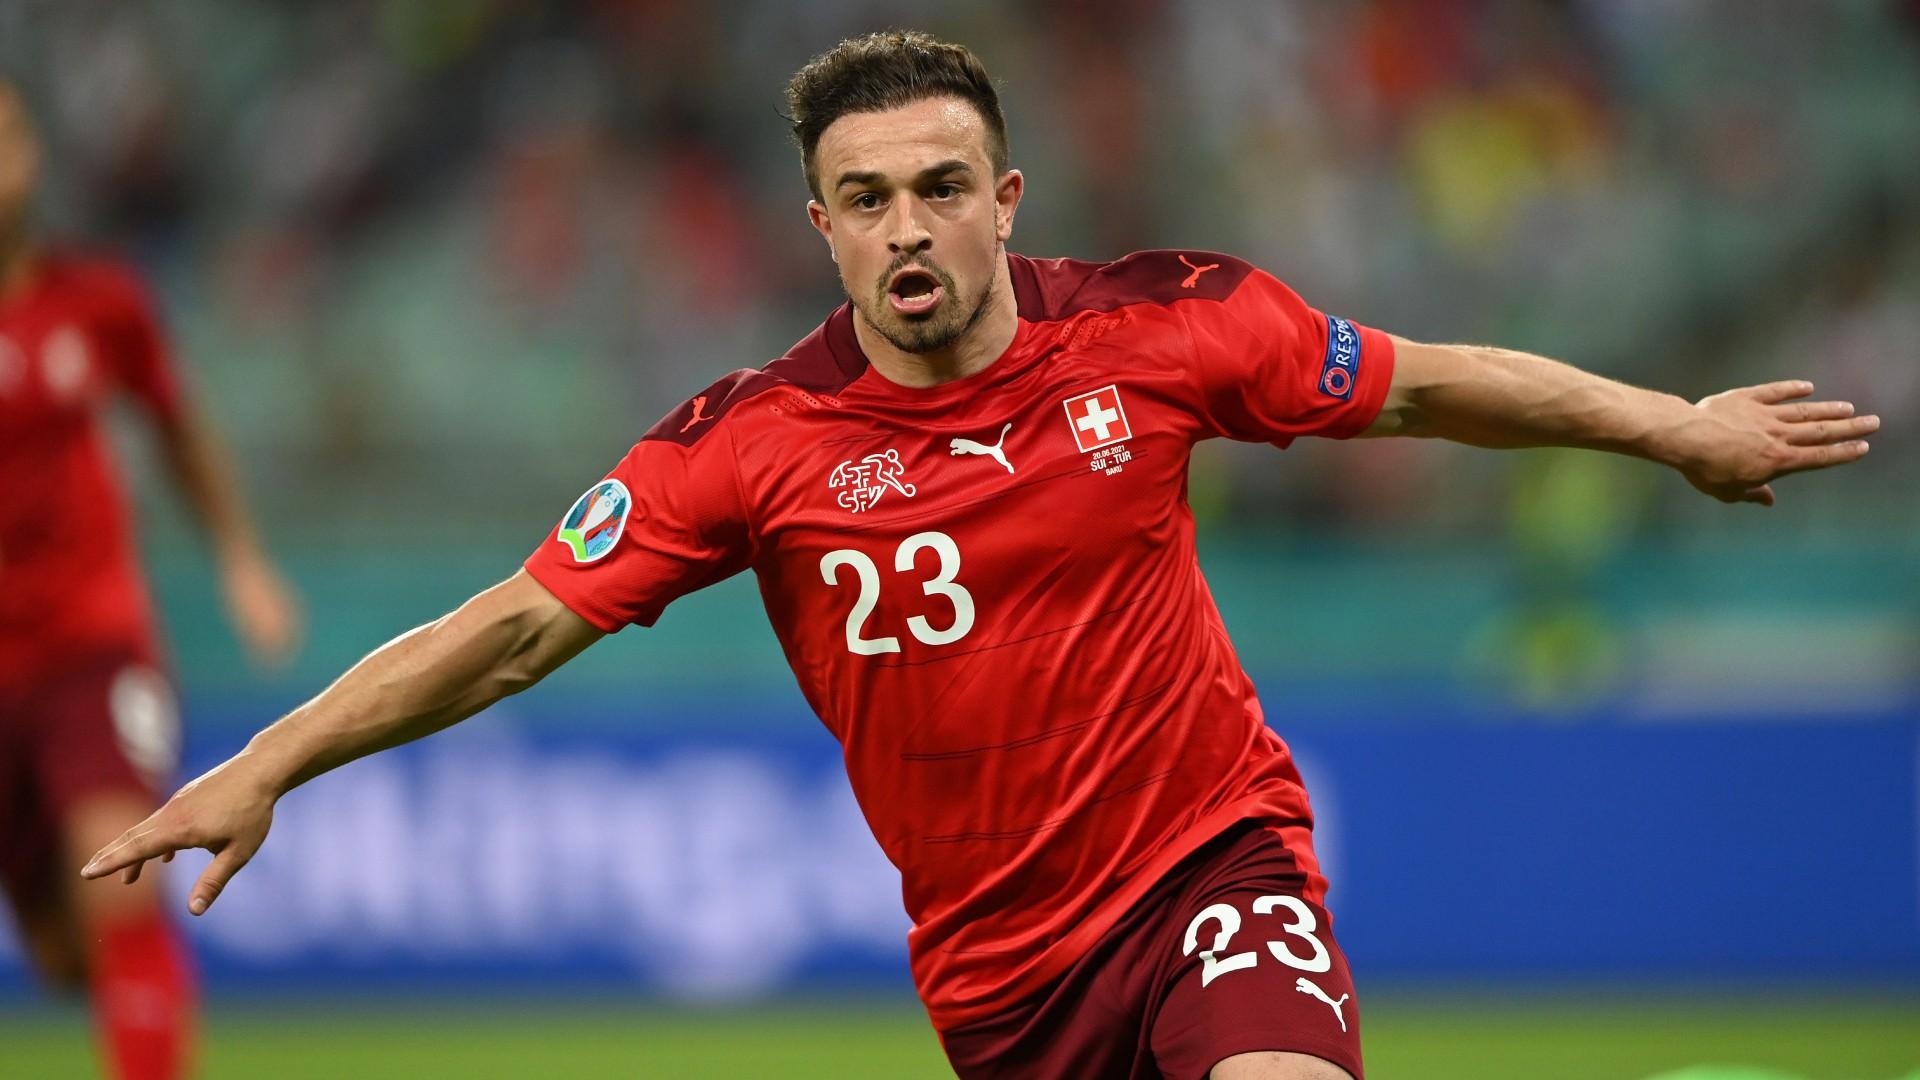 Napoli and Lazio target £15m-rated Liverpool star Shaqiri